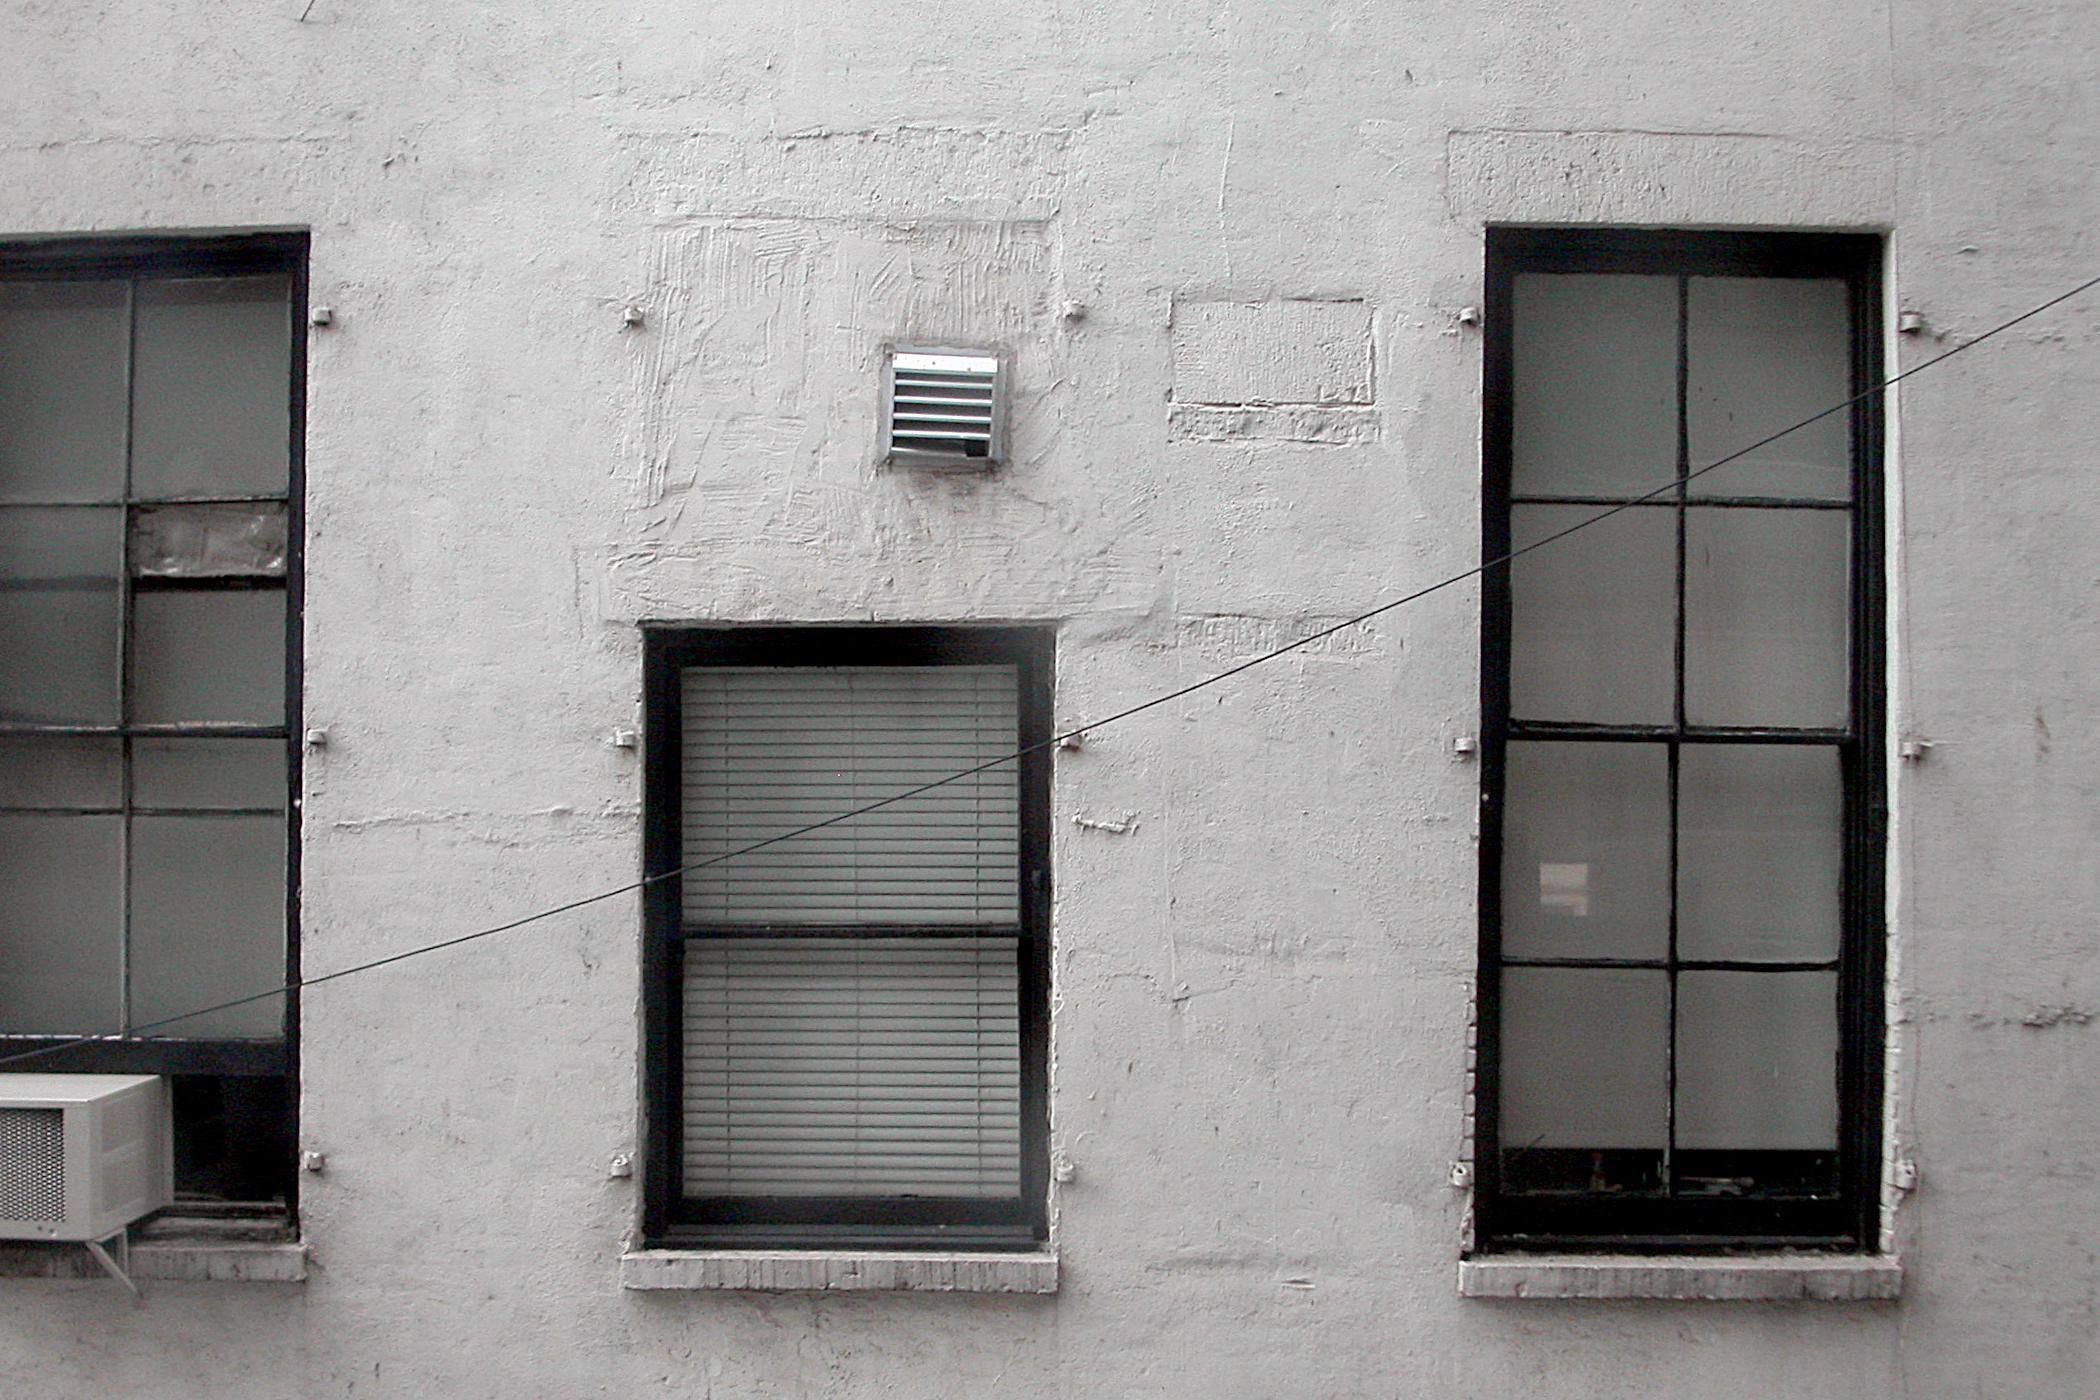 60 Thompson 60 Thompson Street NY, NY Rm 46 $385